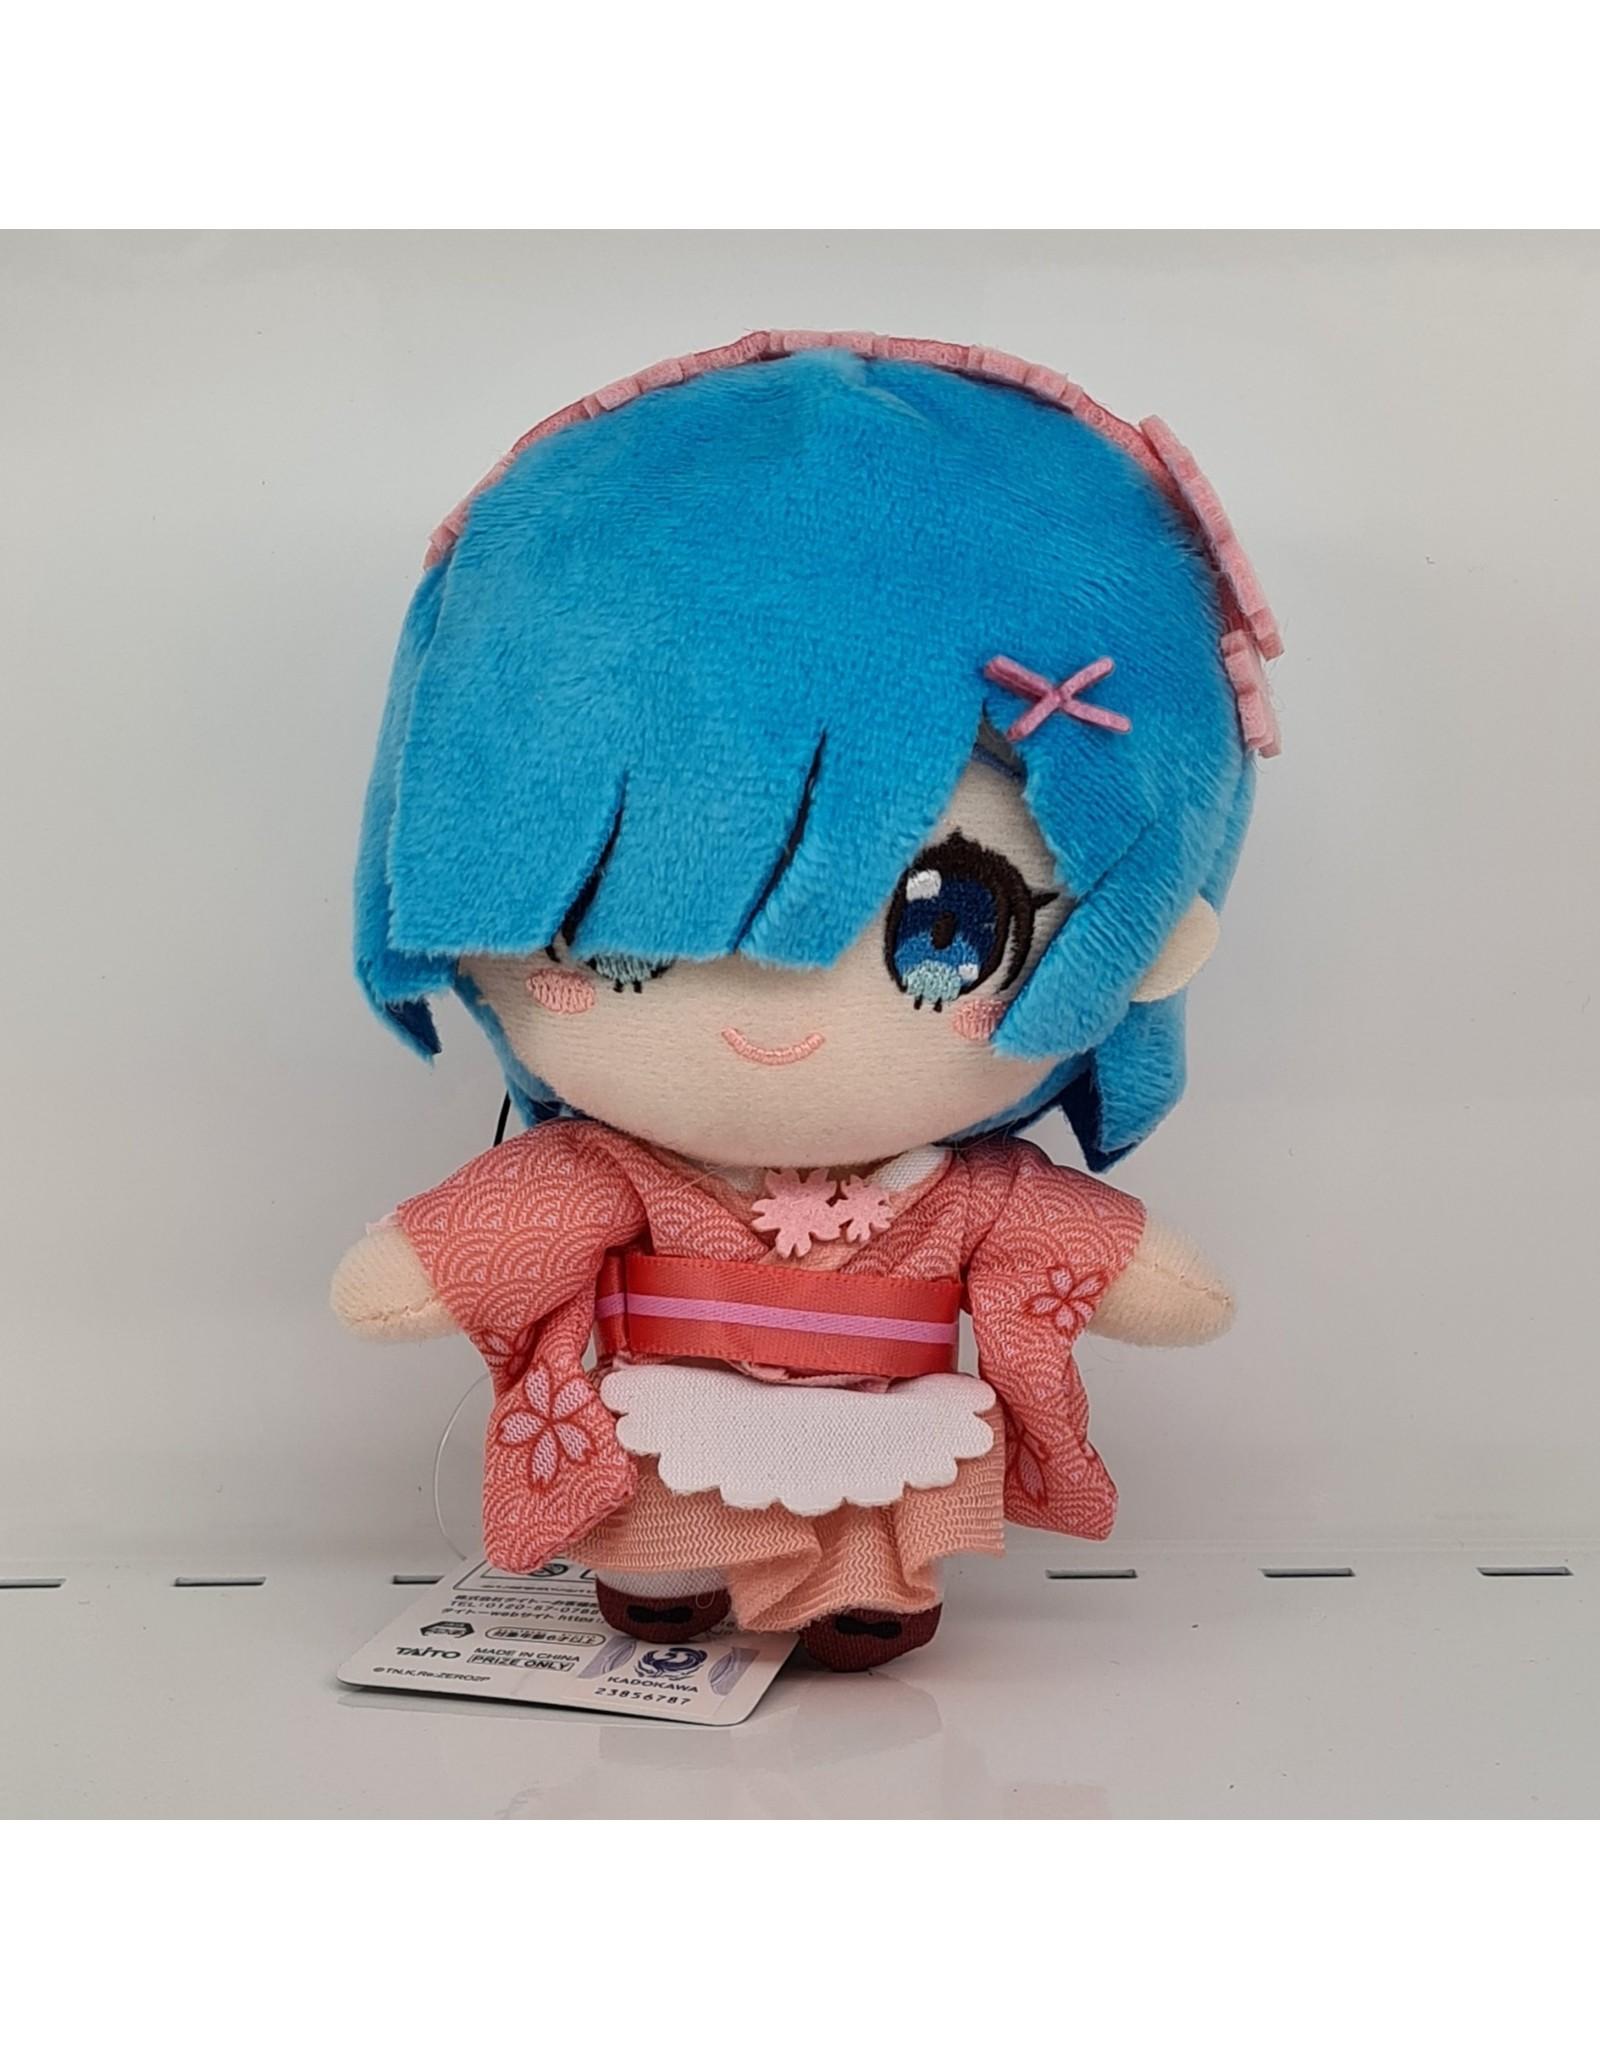 Re:Zero Sakura Rem Mascot Plush - Hairband - 13 cm